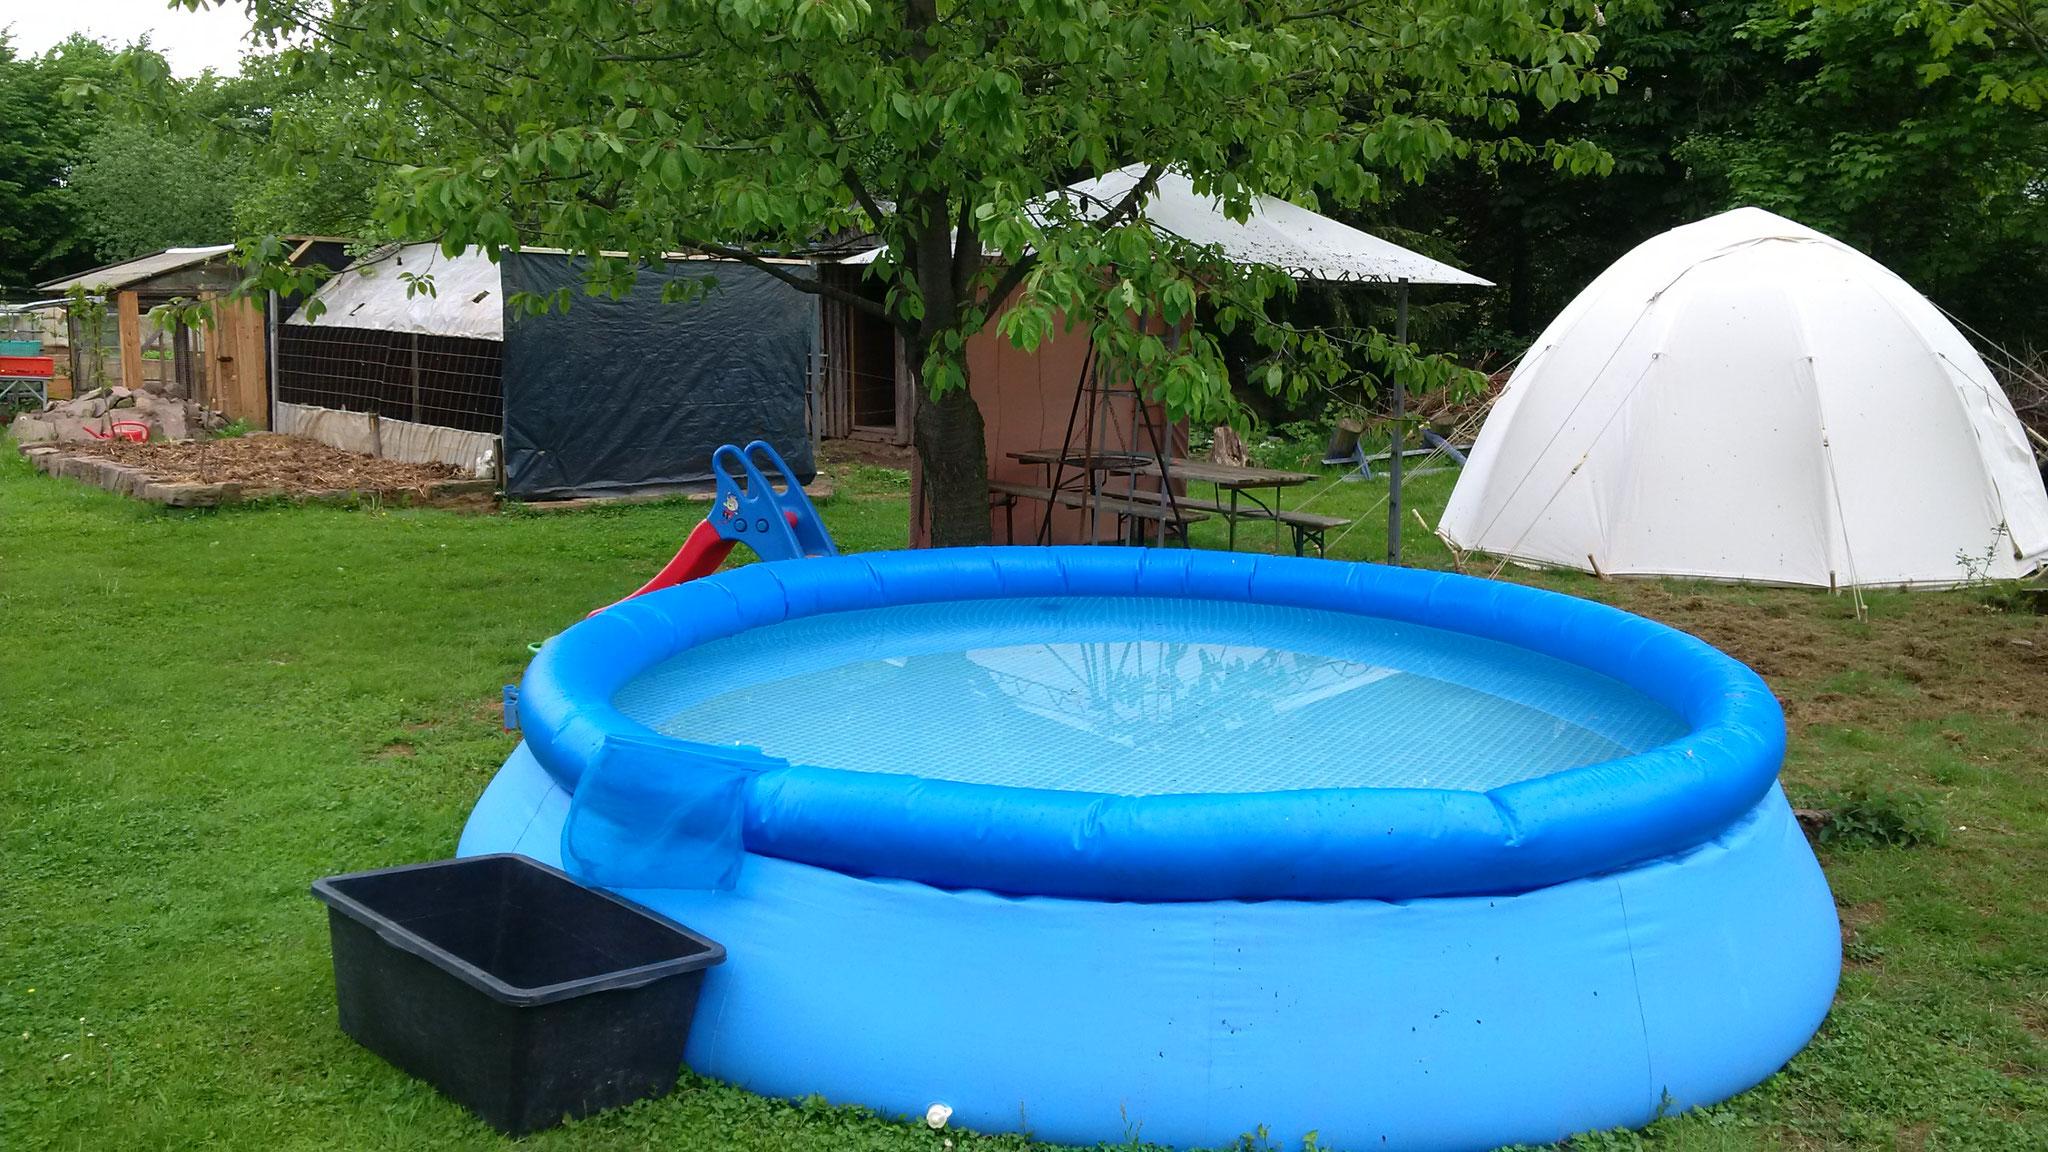 Endlich! Der Pool steht auch!